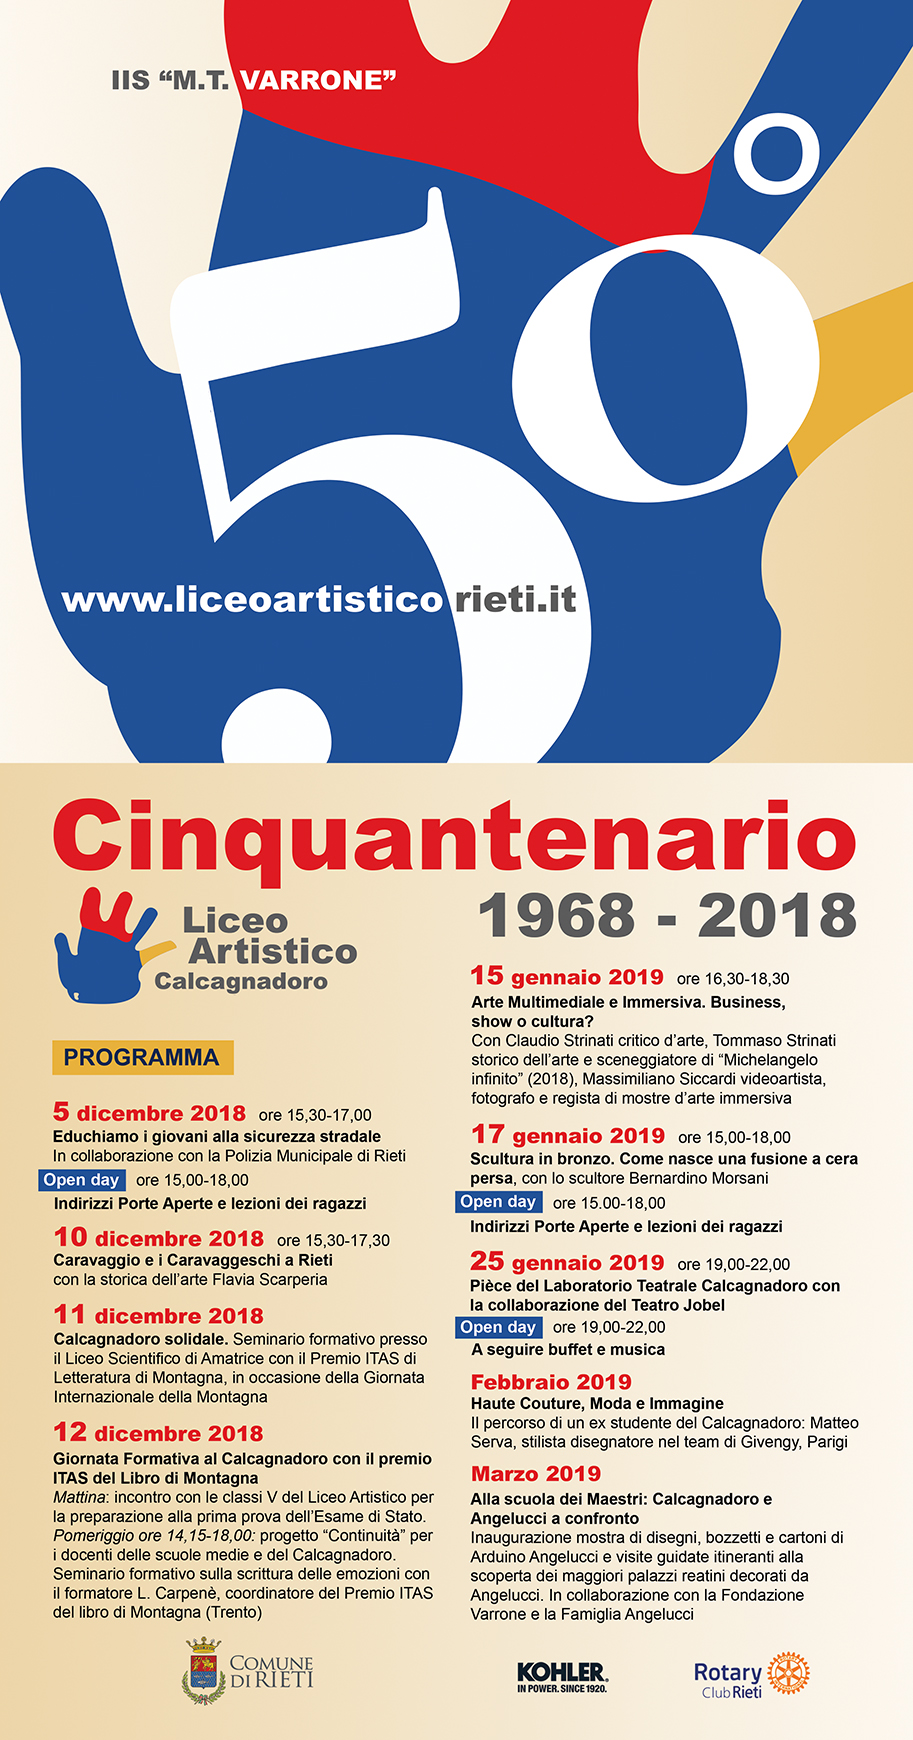 Il Liceo Artistico Calcagnadoro festeggia  i suoi 50 anni